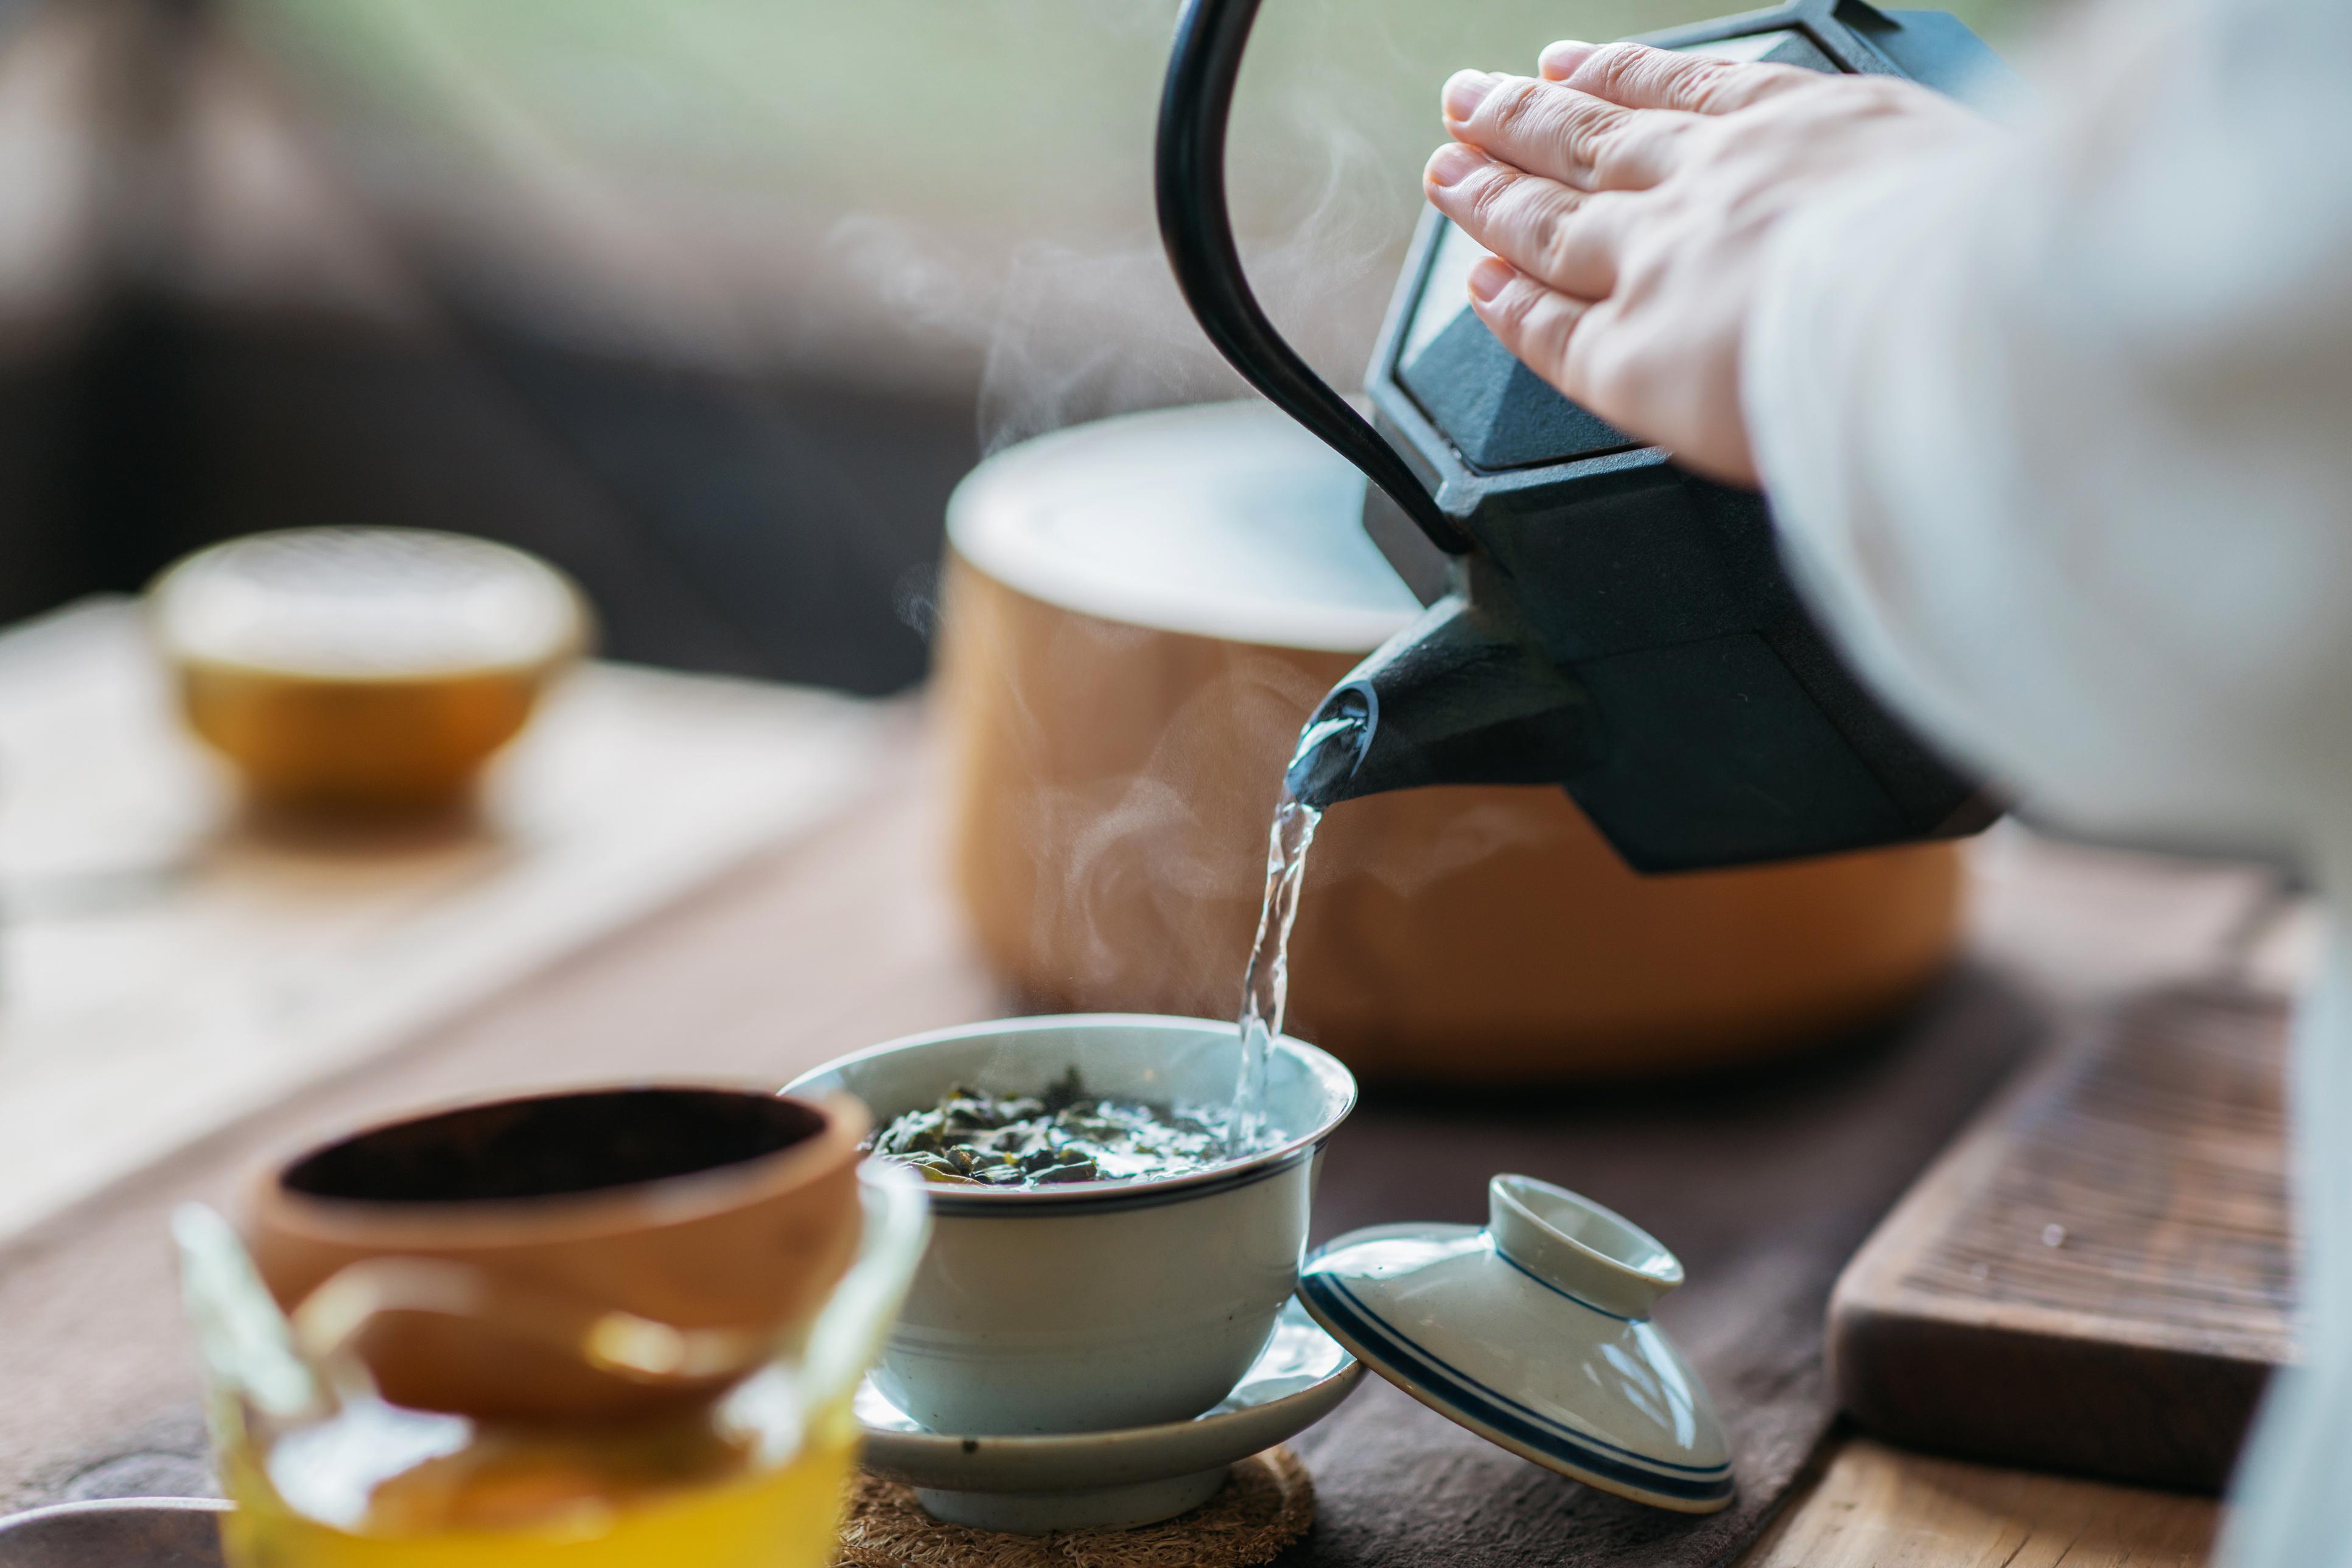 <p><strong>Ще регулирате метаболизма си</strong></p>  <p>Има дори определени чайове, които могат да ви помогнат да регулирате метаболизма си, ако той е извън баланс по някаква причина. Зеленият чай конкретно има положителен ефект върху регулирането на метаболизма. Ако това е целта ви, опитайте черен, зелен или чай улун.</p>